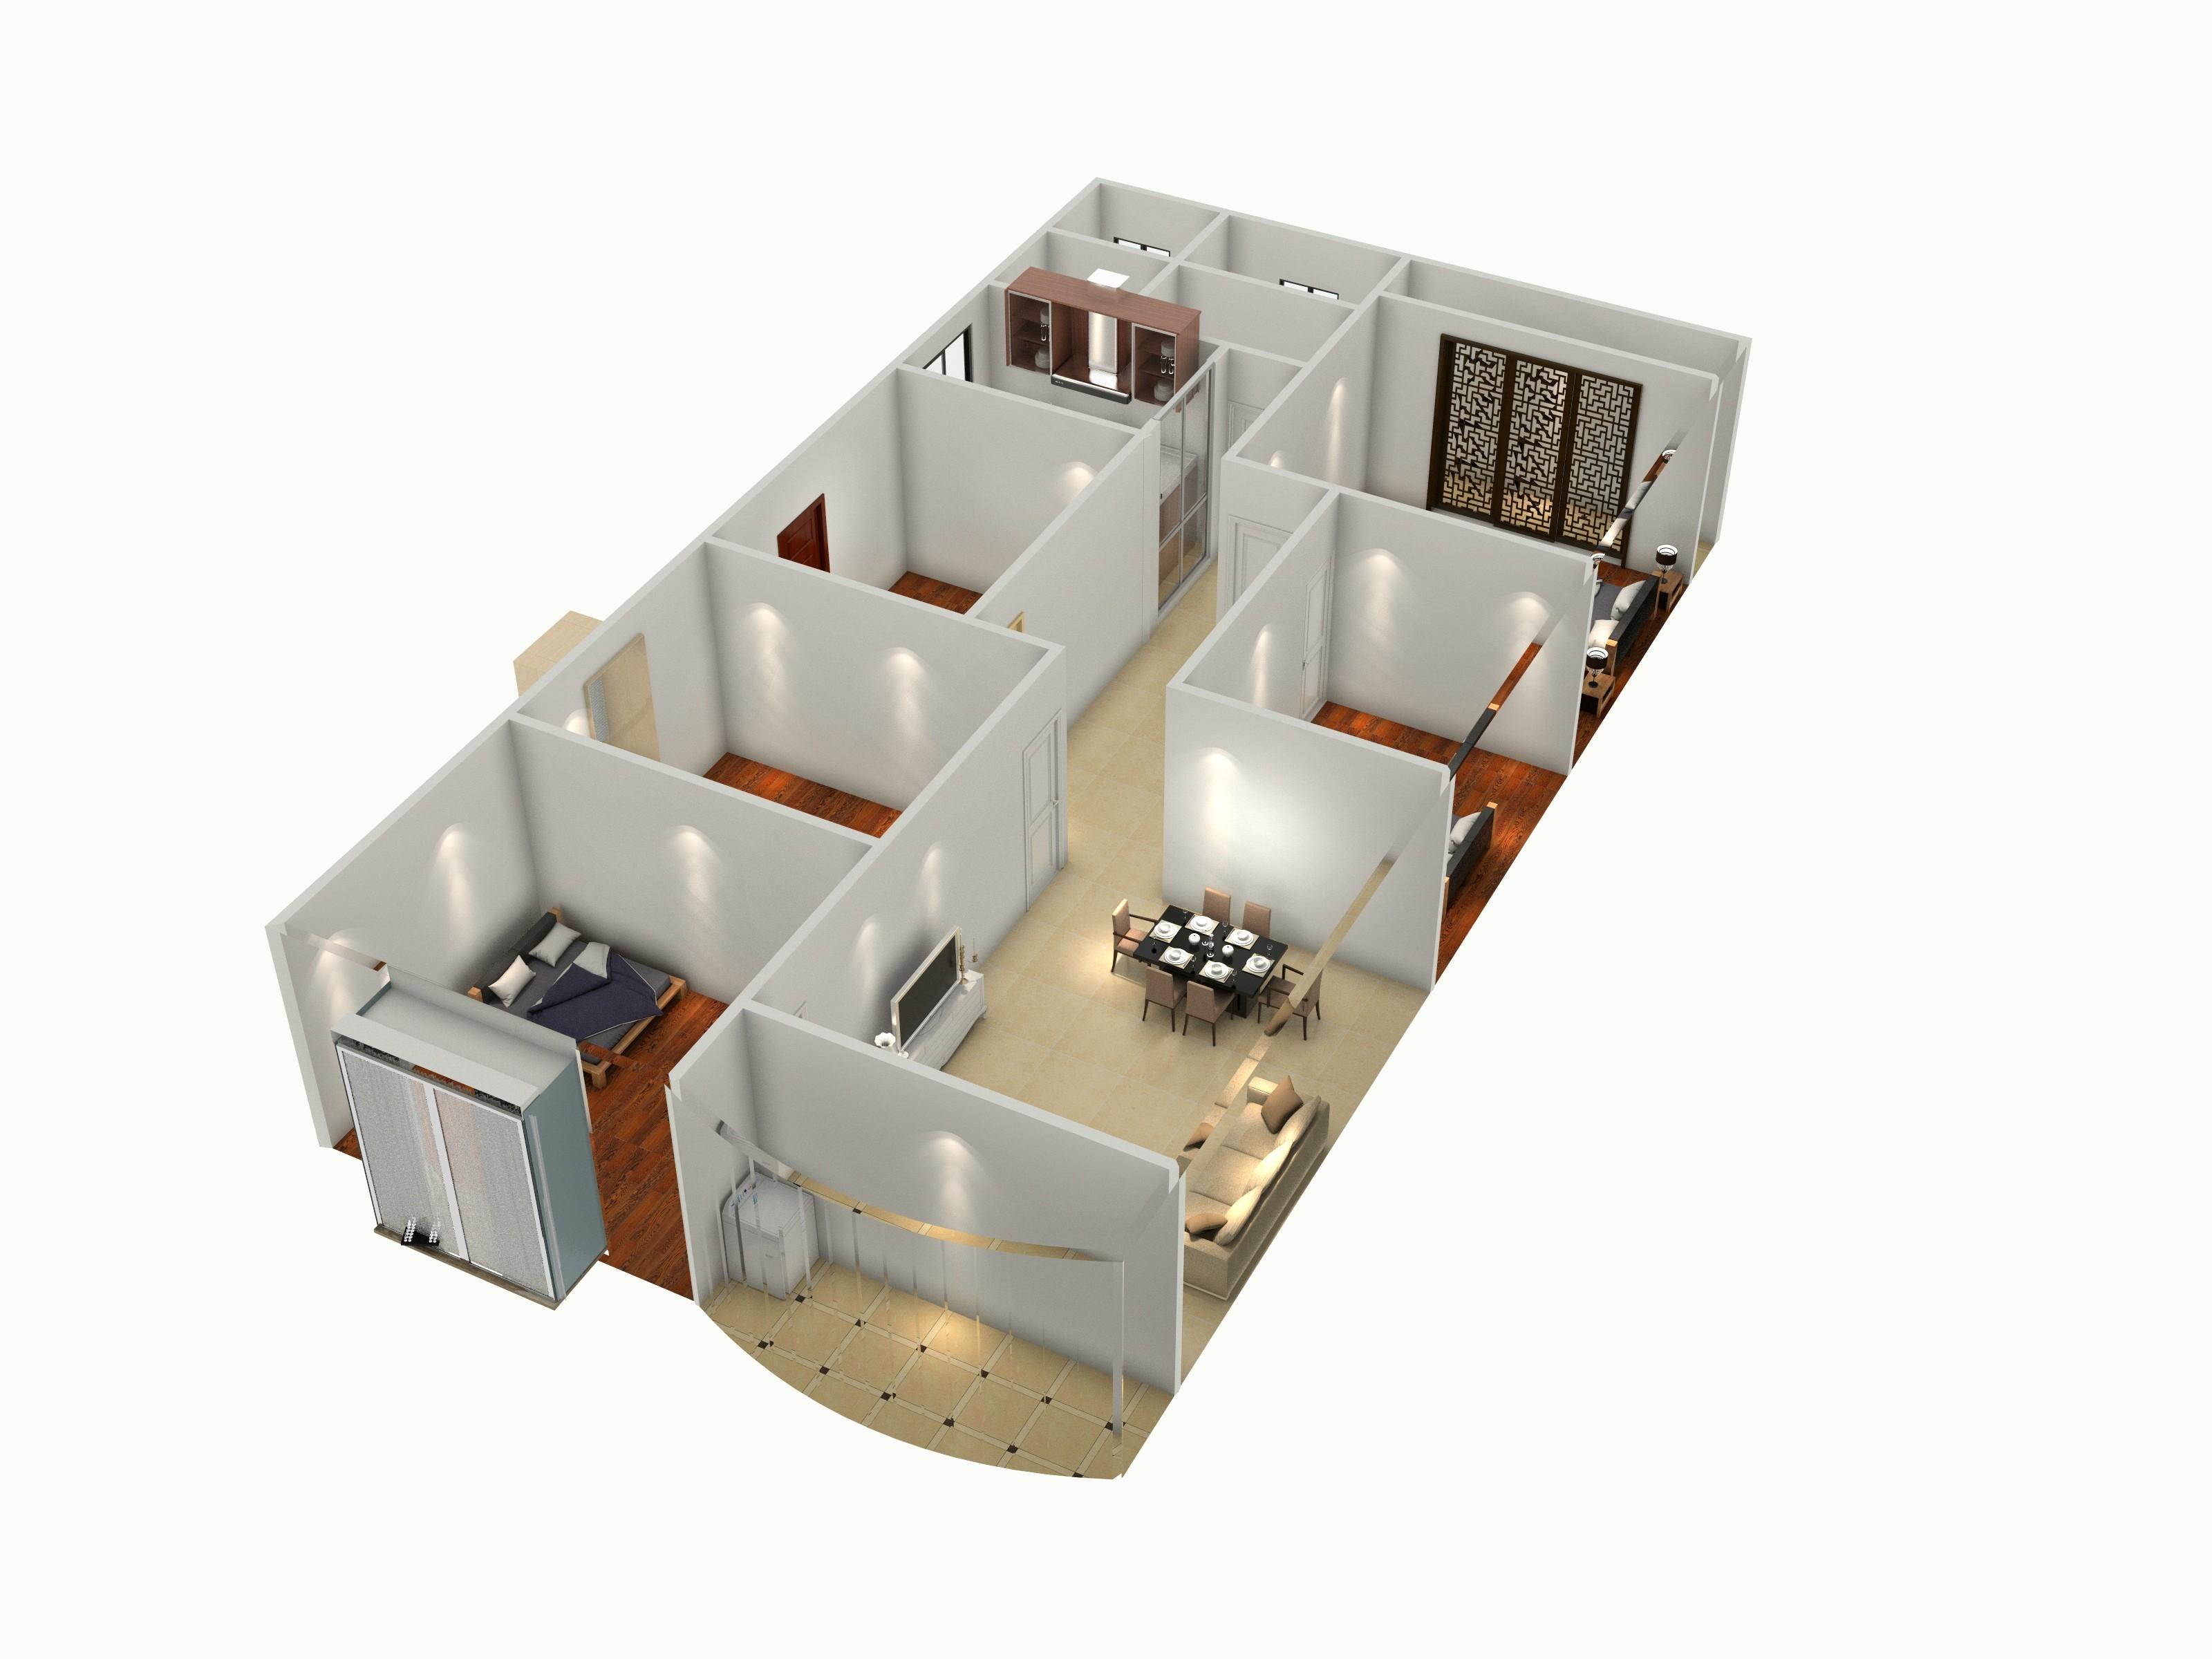 2楼平面-俯视图